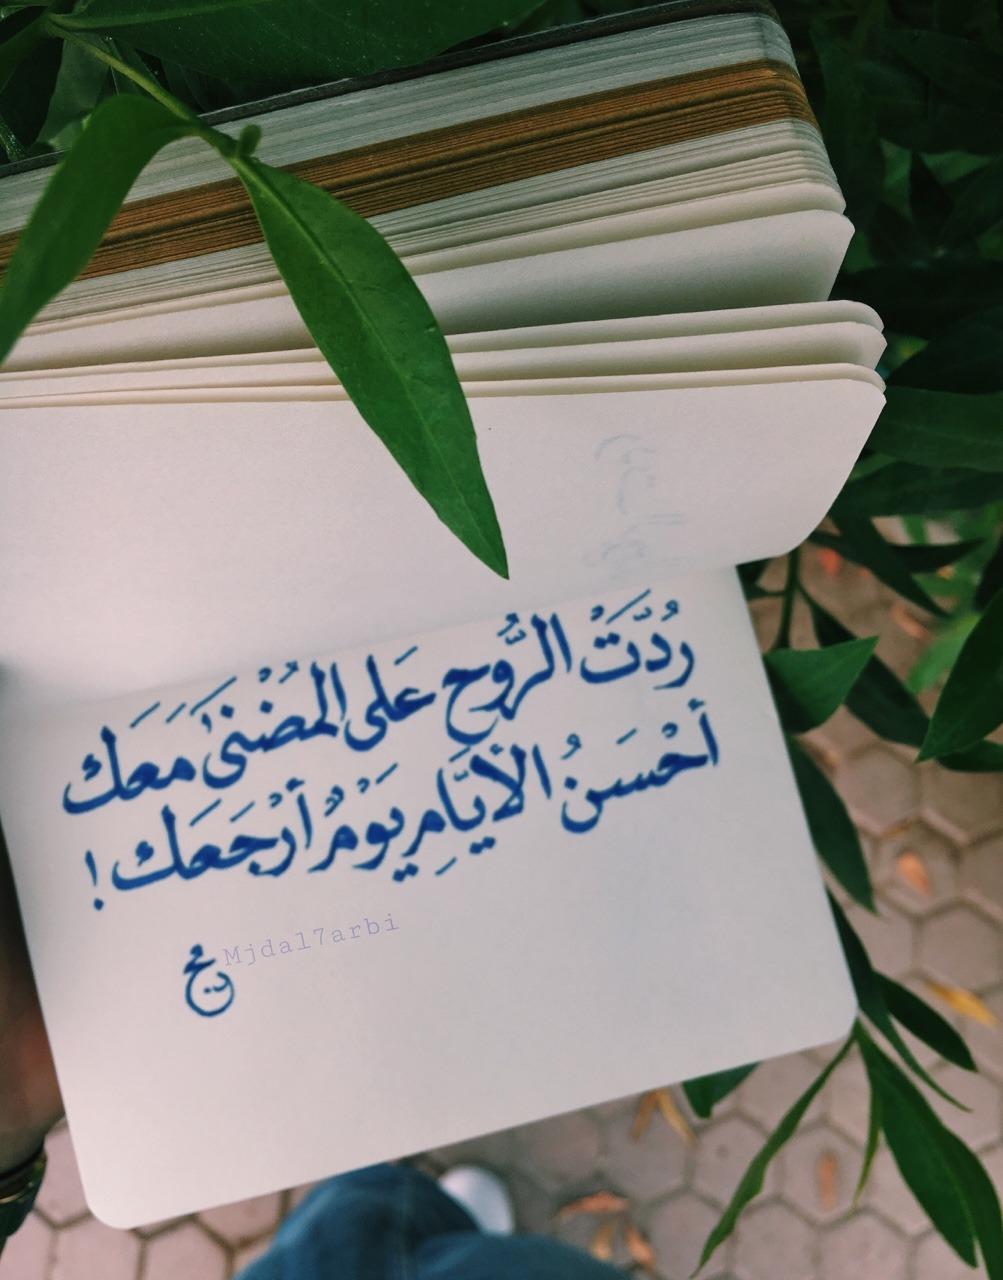 صورة ابيات شعر عن الام لاحمد شوقى , شعر احمد شوقي عن الام